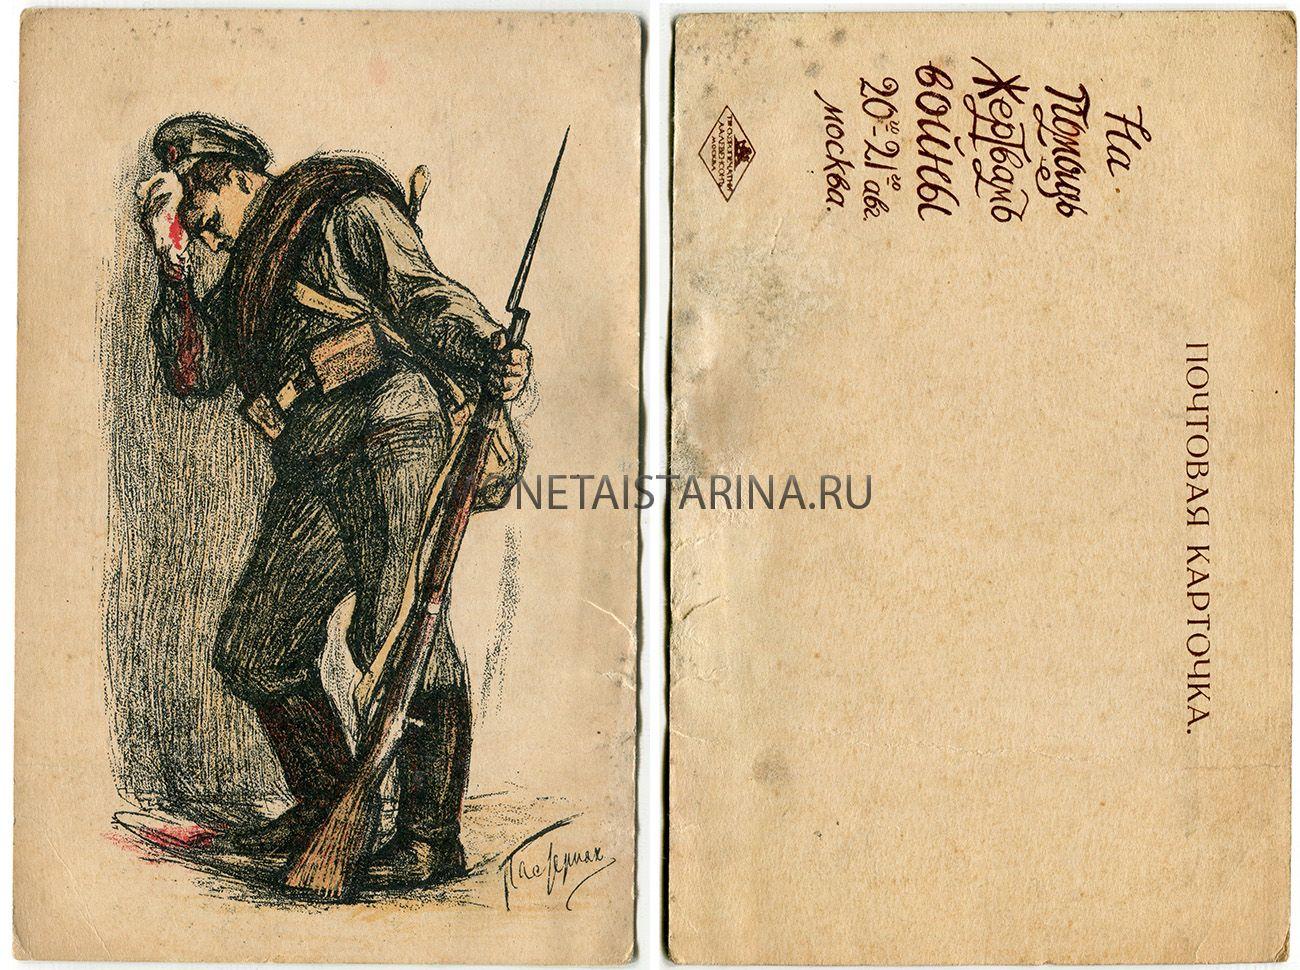 Жертвам войны. открытка, модой